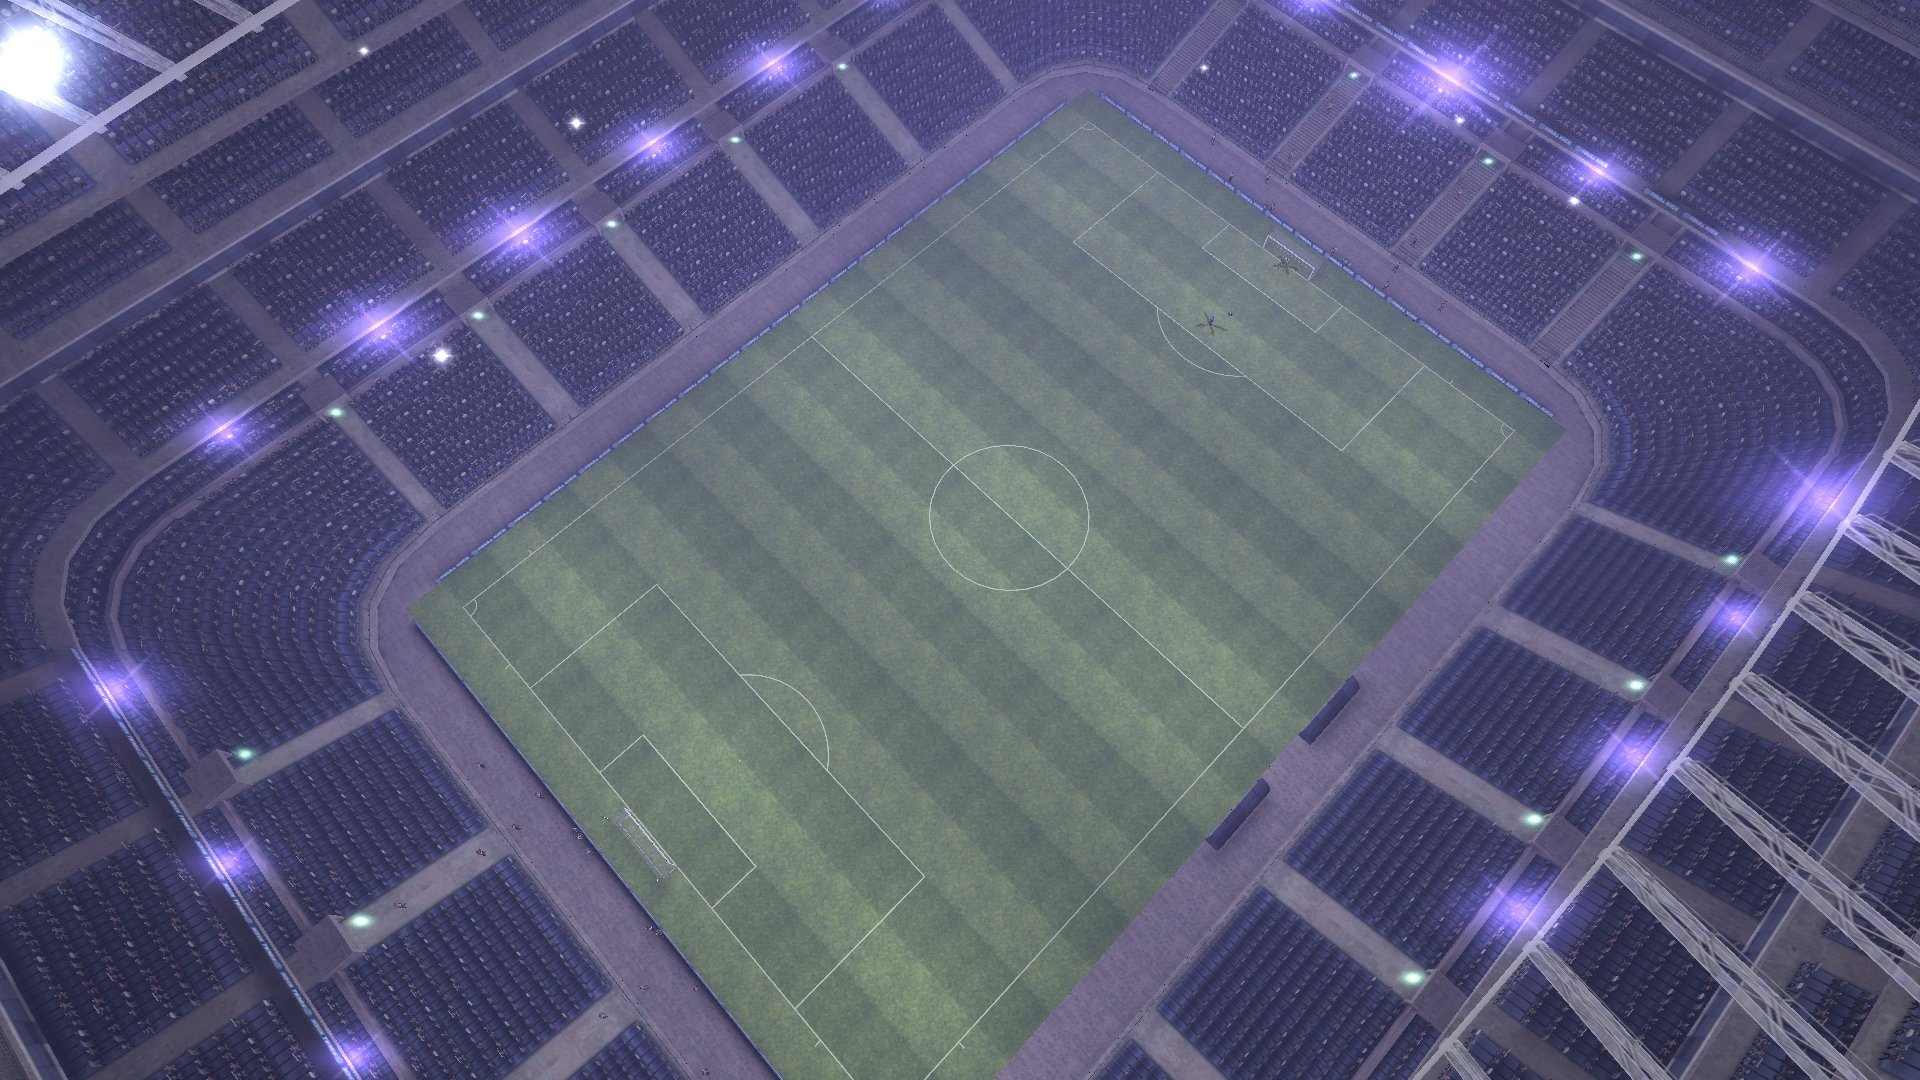 909ced47c6 Final Kick  Futebol online 8.0.4 - Baixar para Android APK Grátis